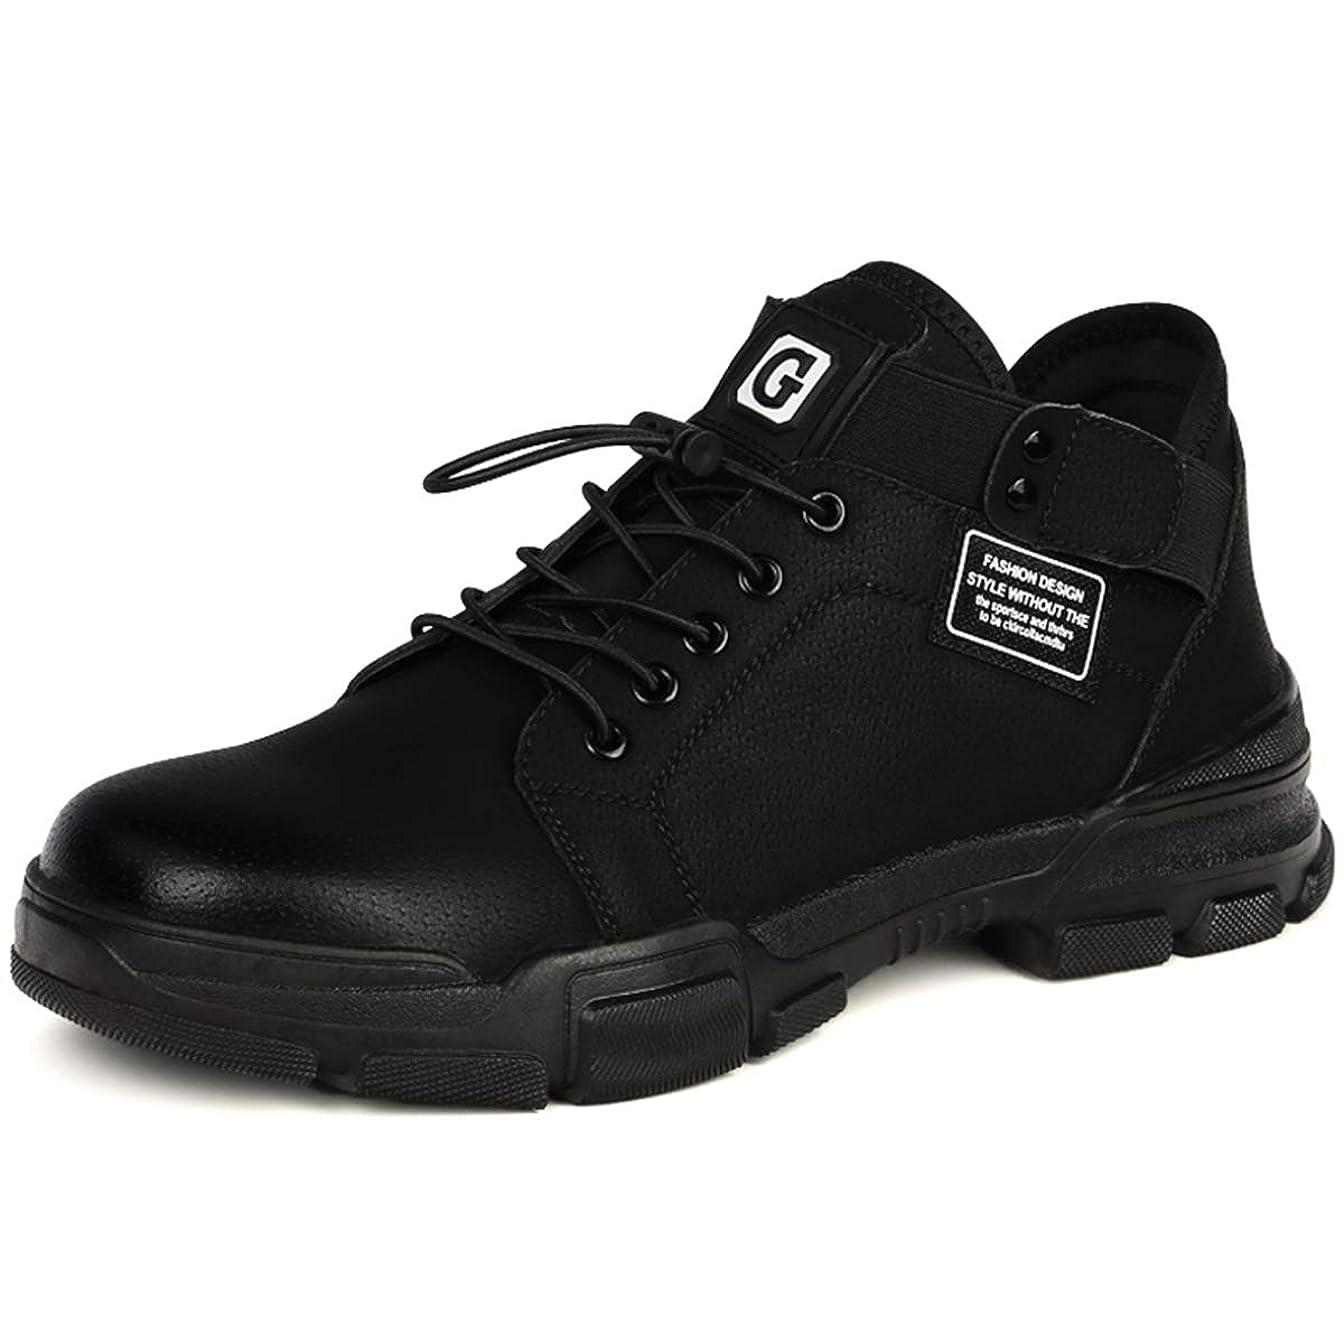 物理学者レオナルドダインフラ安全靴 作業靴 スニーカー メンズ レディース 鋼先芯 男女兼用 先芯入 セーフティーシューズ ファション ショットブーツ クッション性 結ばない靴ひも